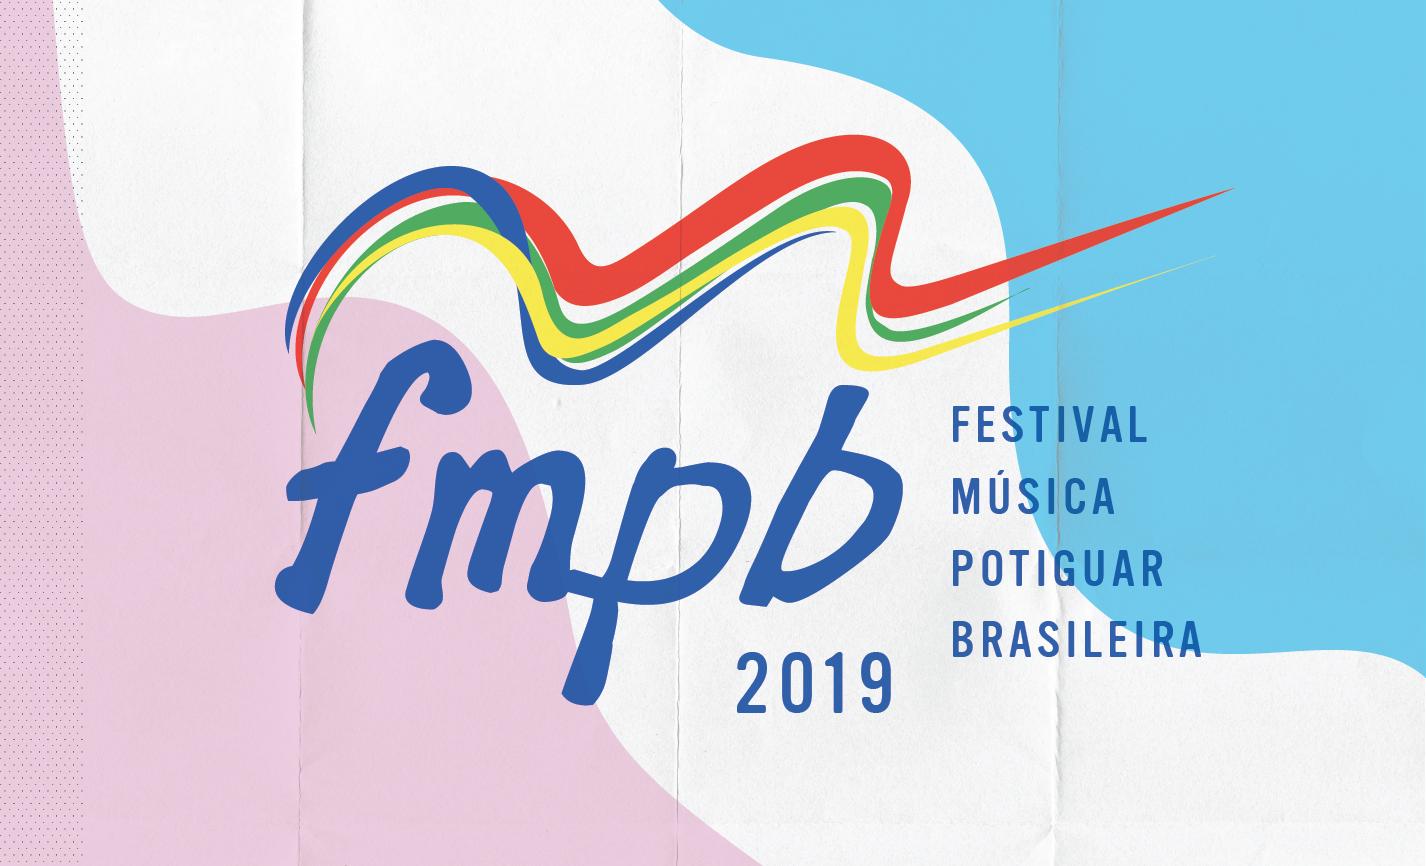 FESTIVAL MÚSICA POTIGUAR BRASILEIRA 2019